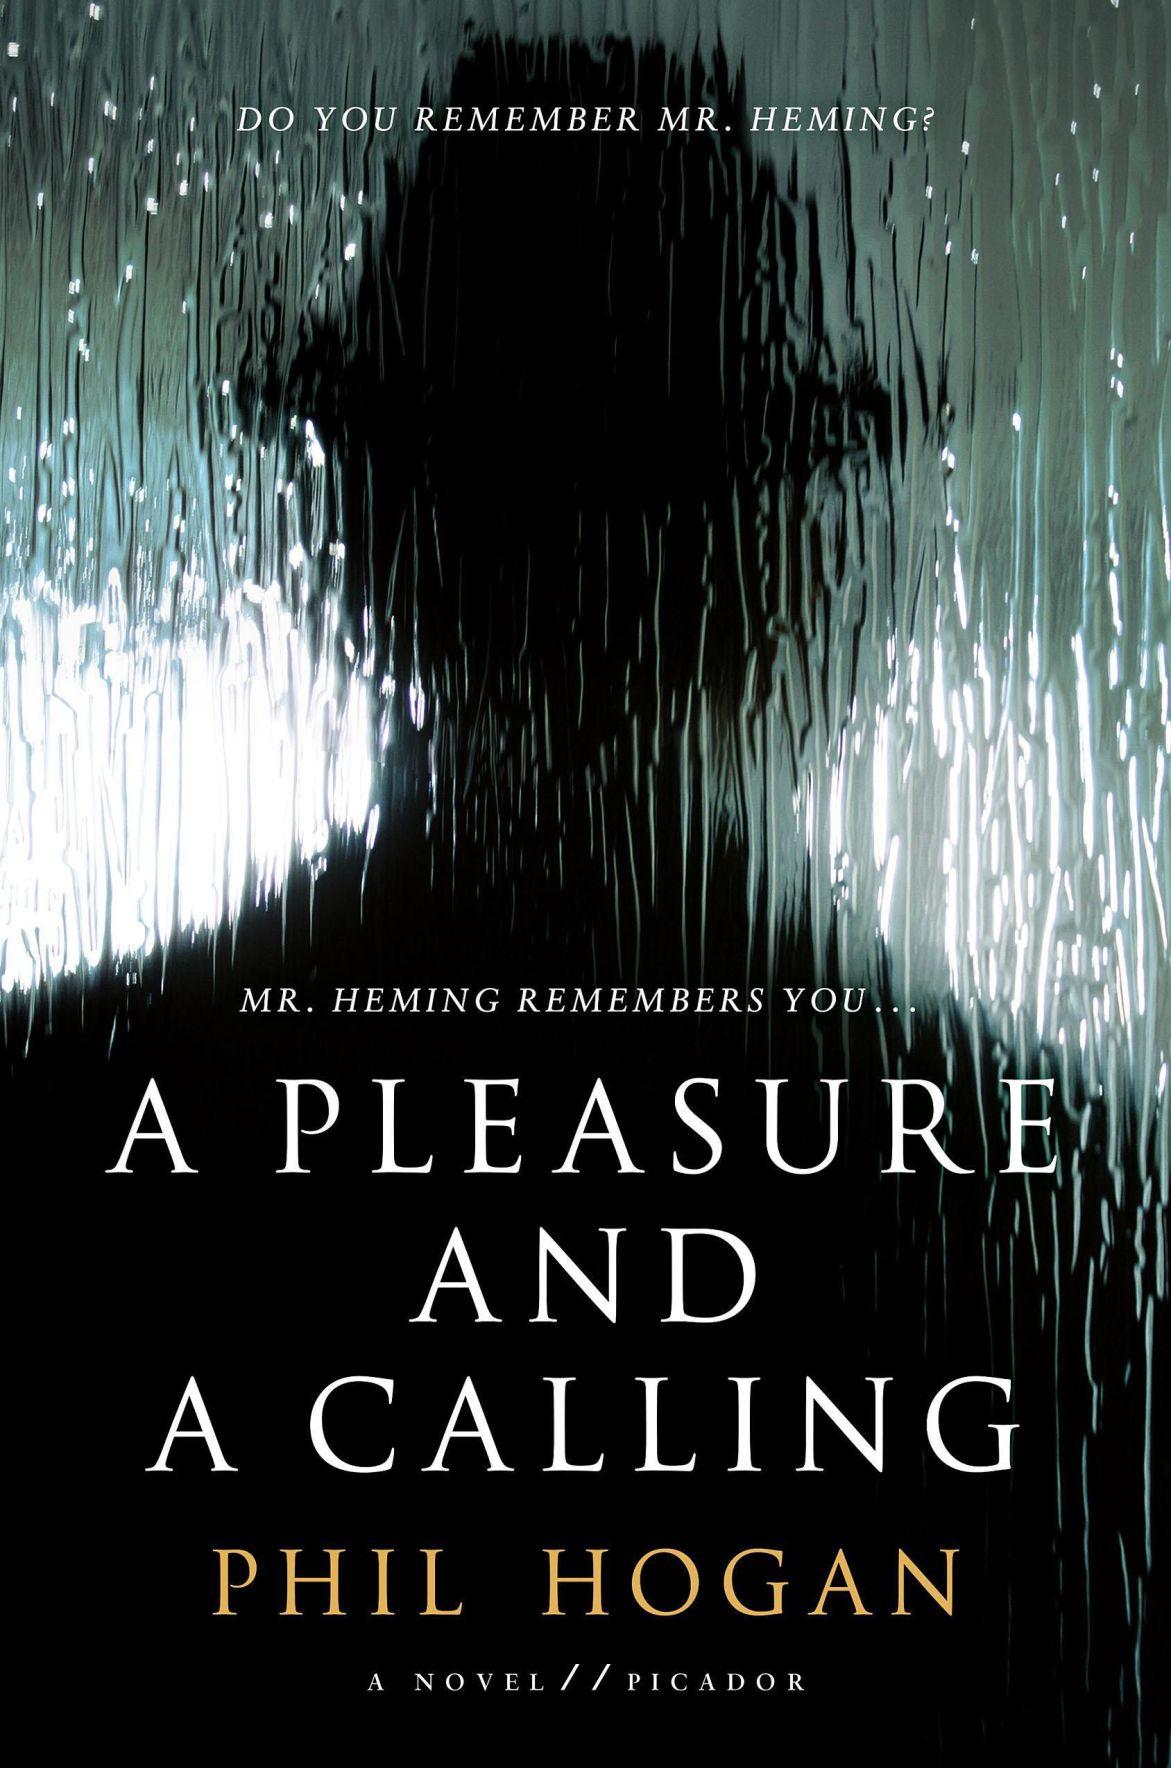 Phil Hogan delivers clever psychological thriller